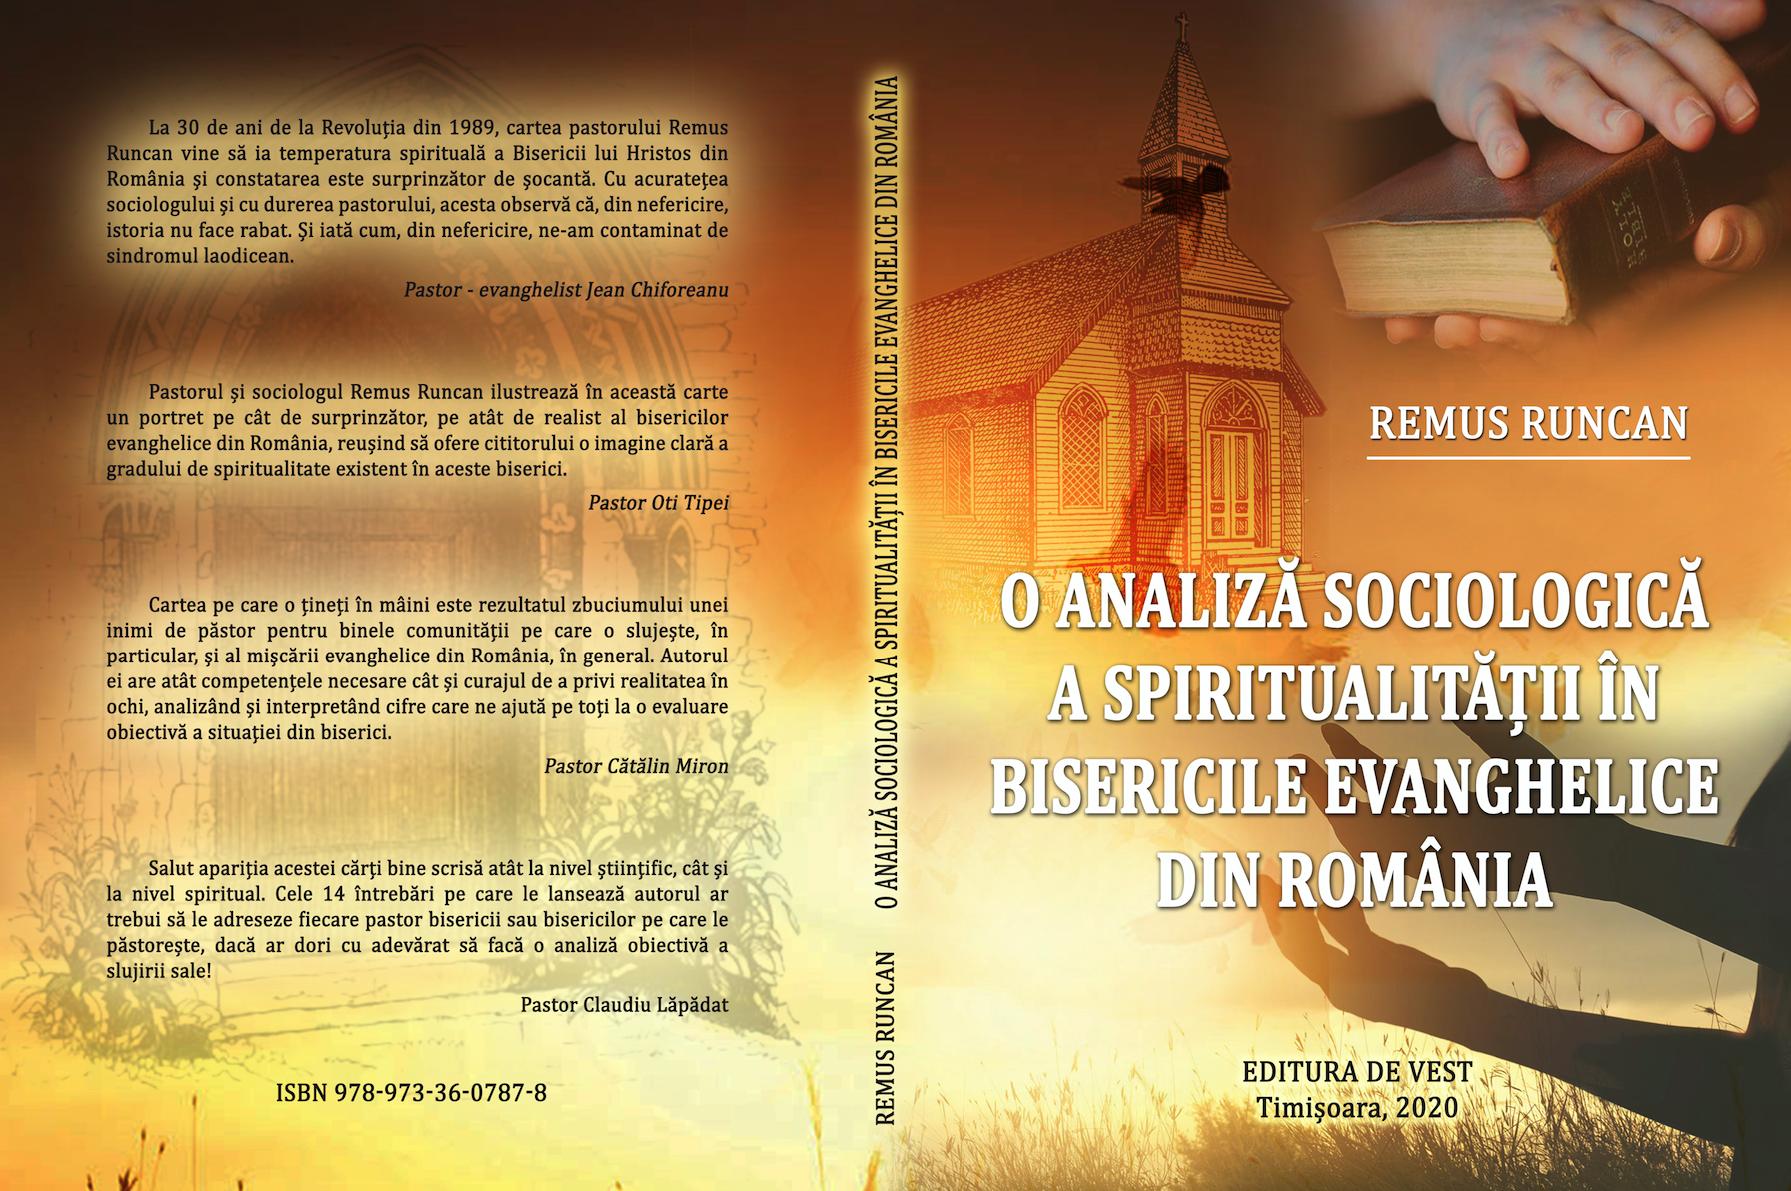 Apariție editorială: O analiză sociologică a spiritualității în bisericile evanghelice din România